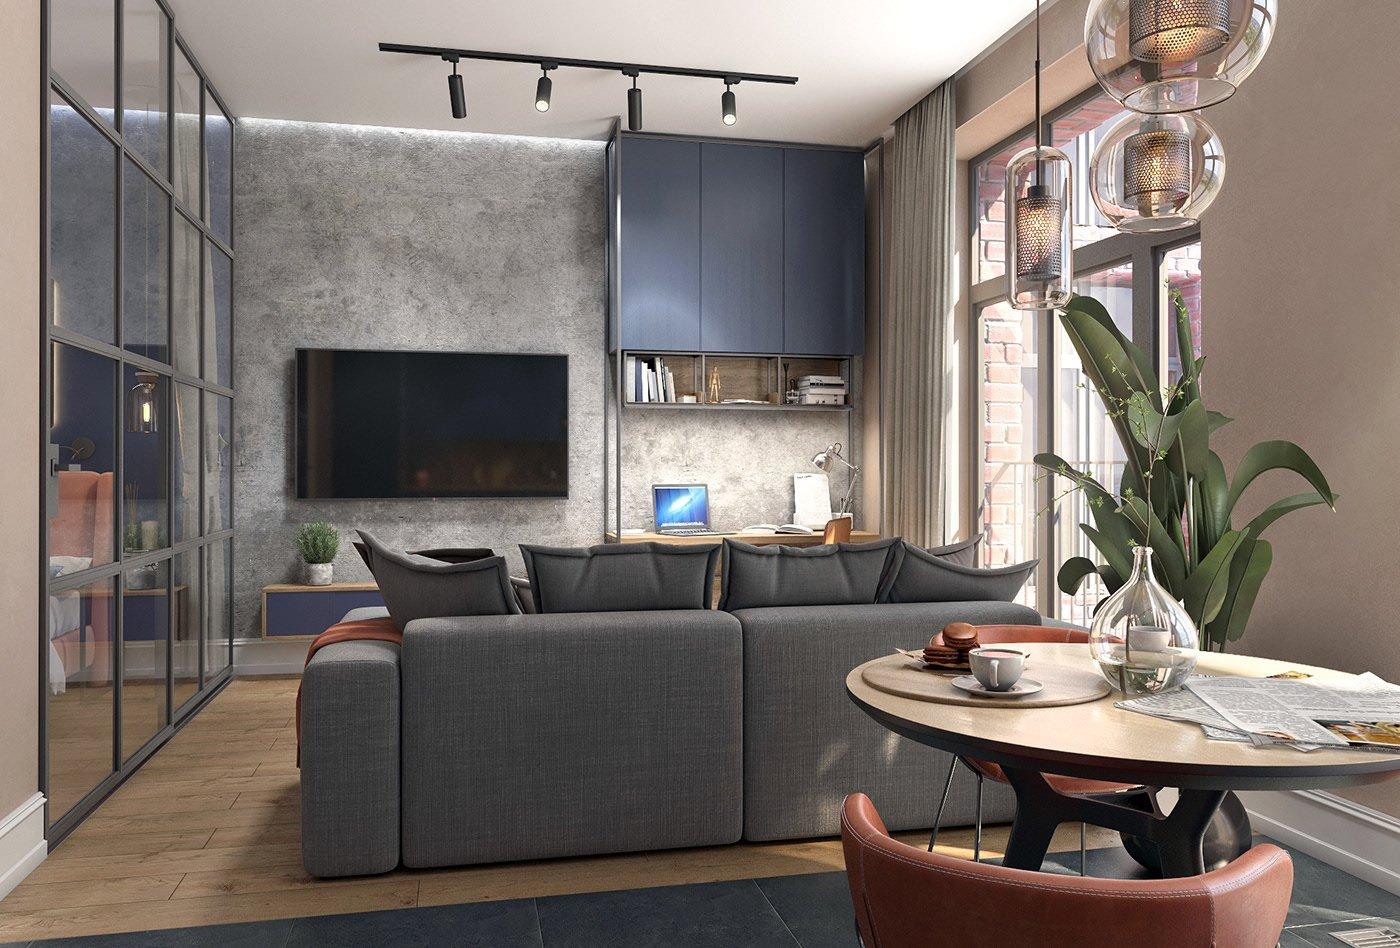 Kiến trúc sư tư vấn thiết kế căn hộ 64m² với chi phí 145 triệu đồng - Ảnh 6.